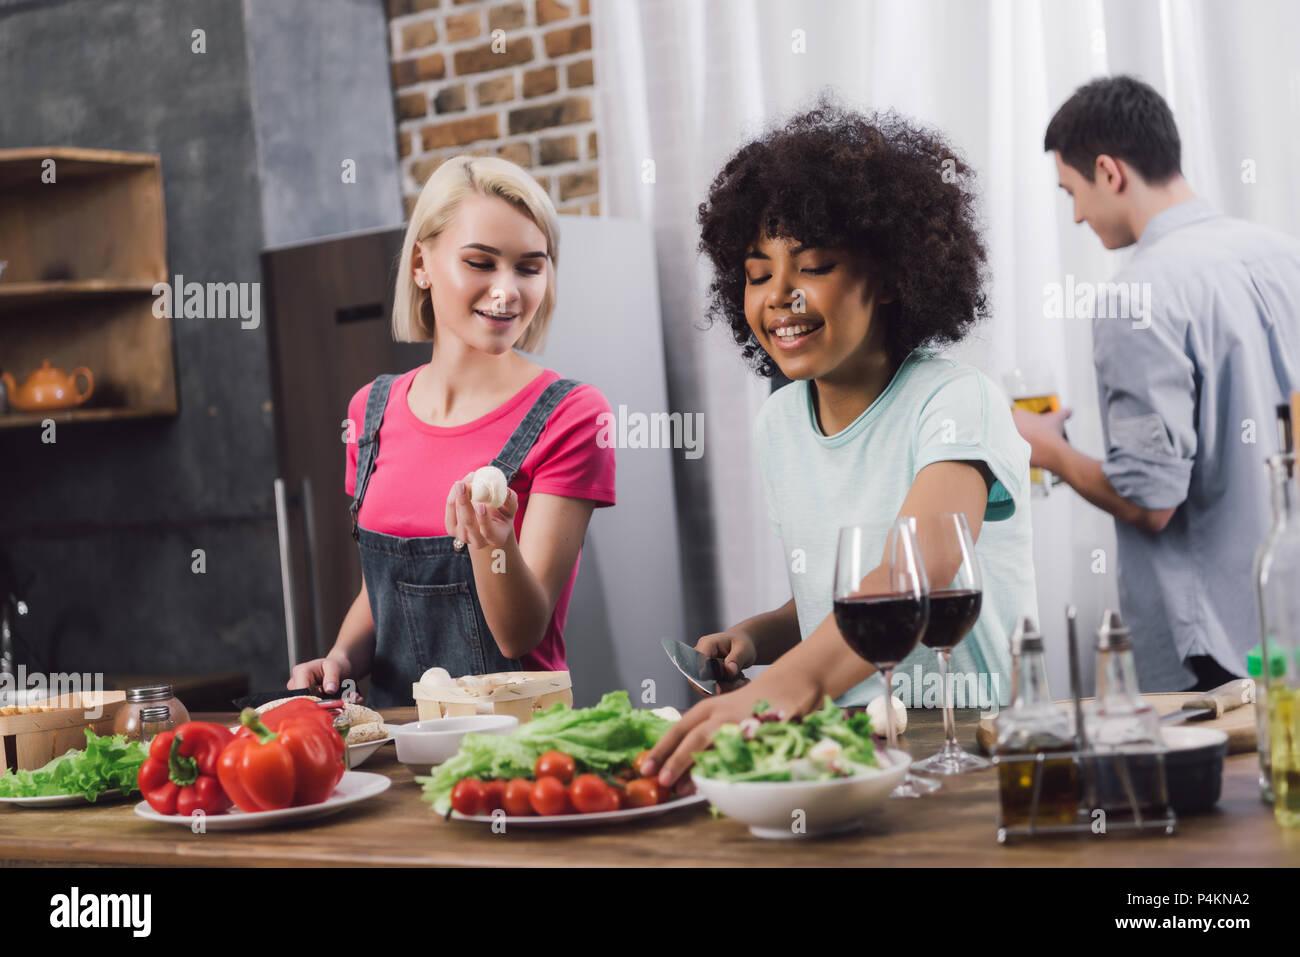 Lächelnd multiethnischen Mädchen Kochen in der Küche Stockbild